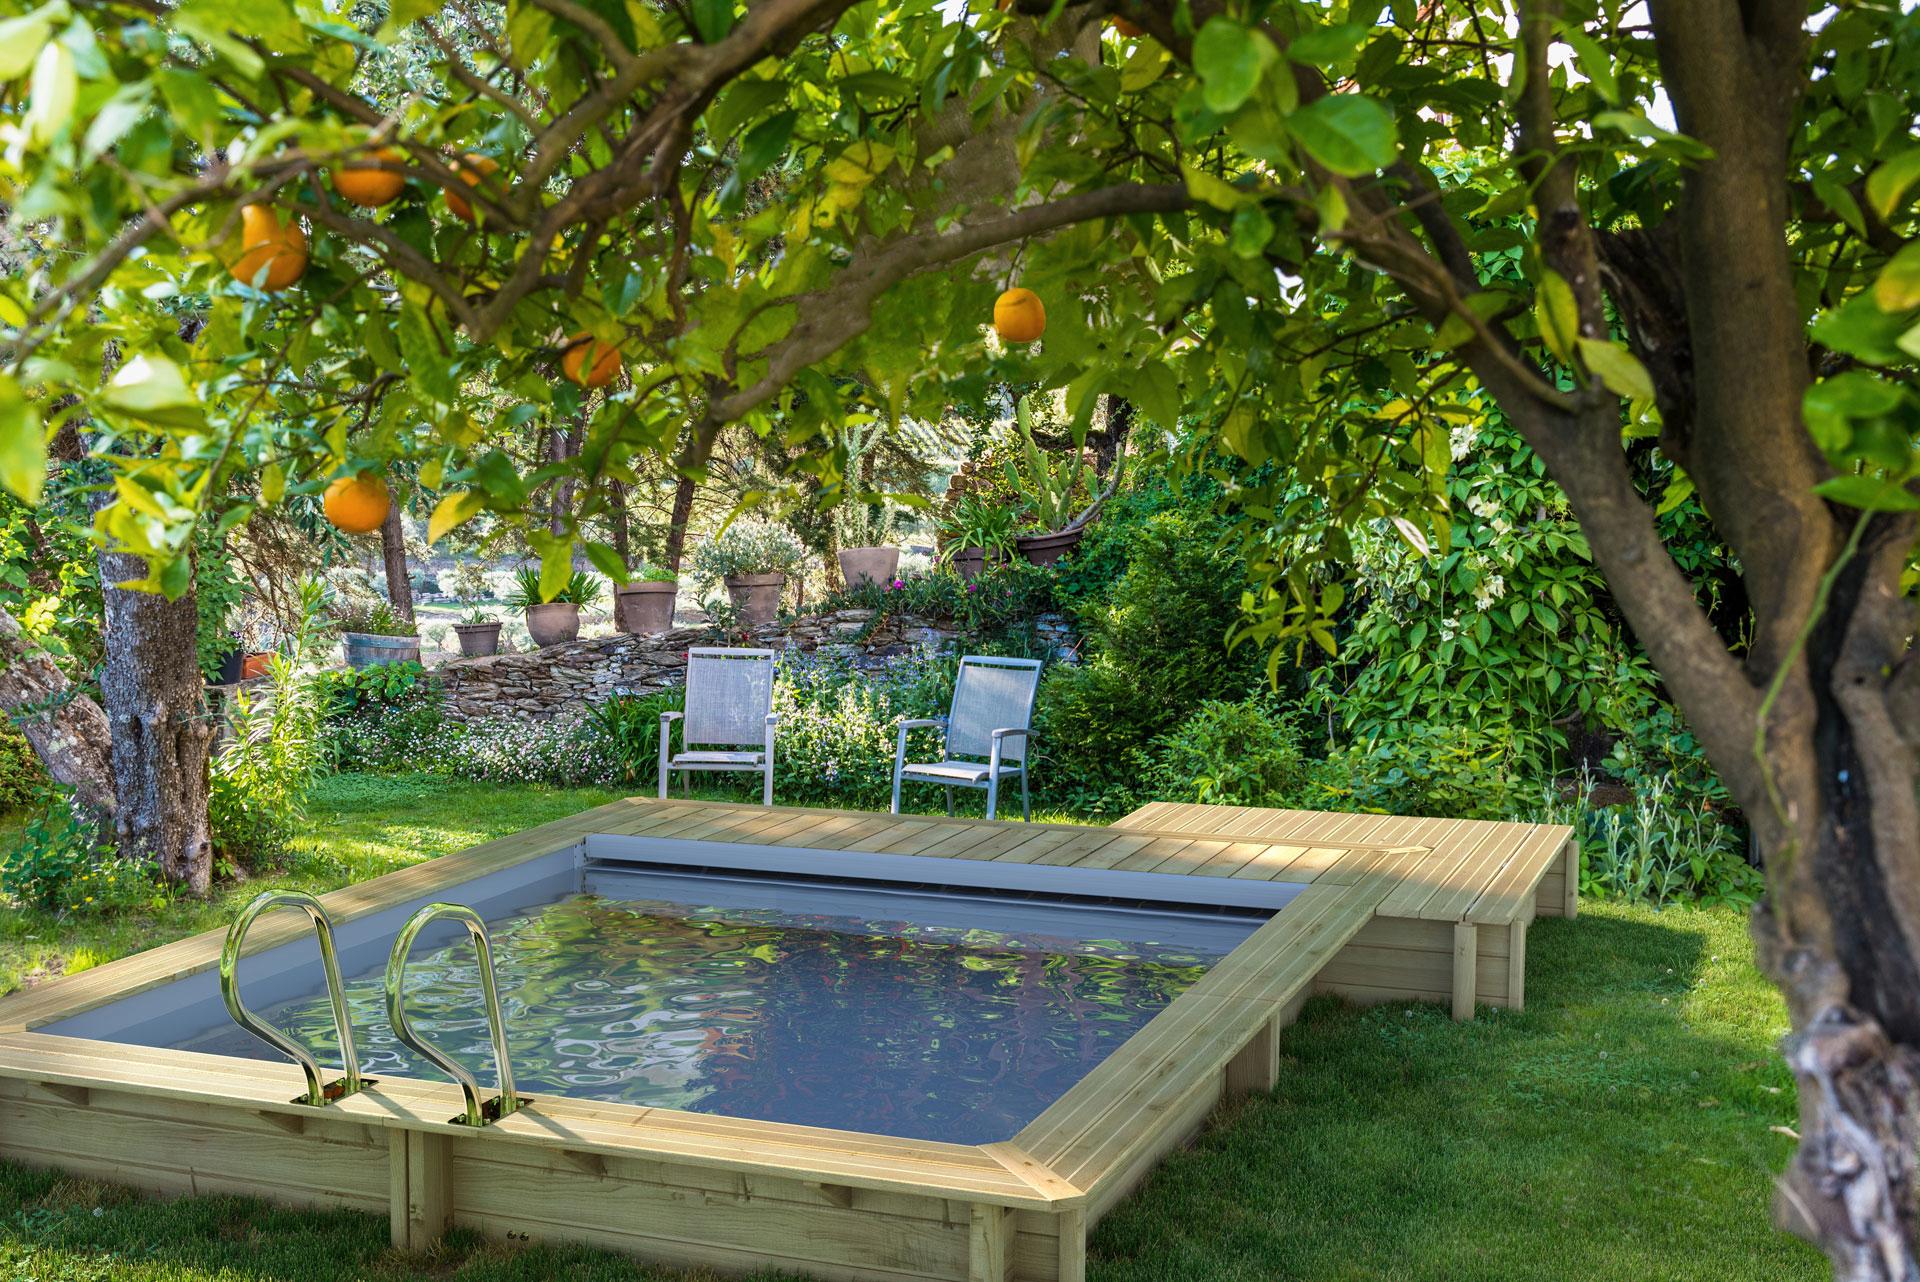 Comment Installer Une Piscine Dans Un Petit Jardin tout Mini Piscine Hors Sol